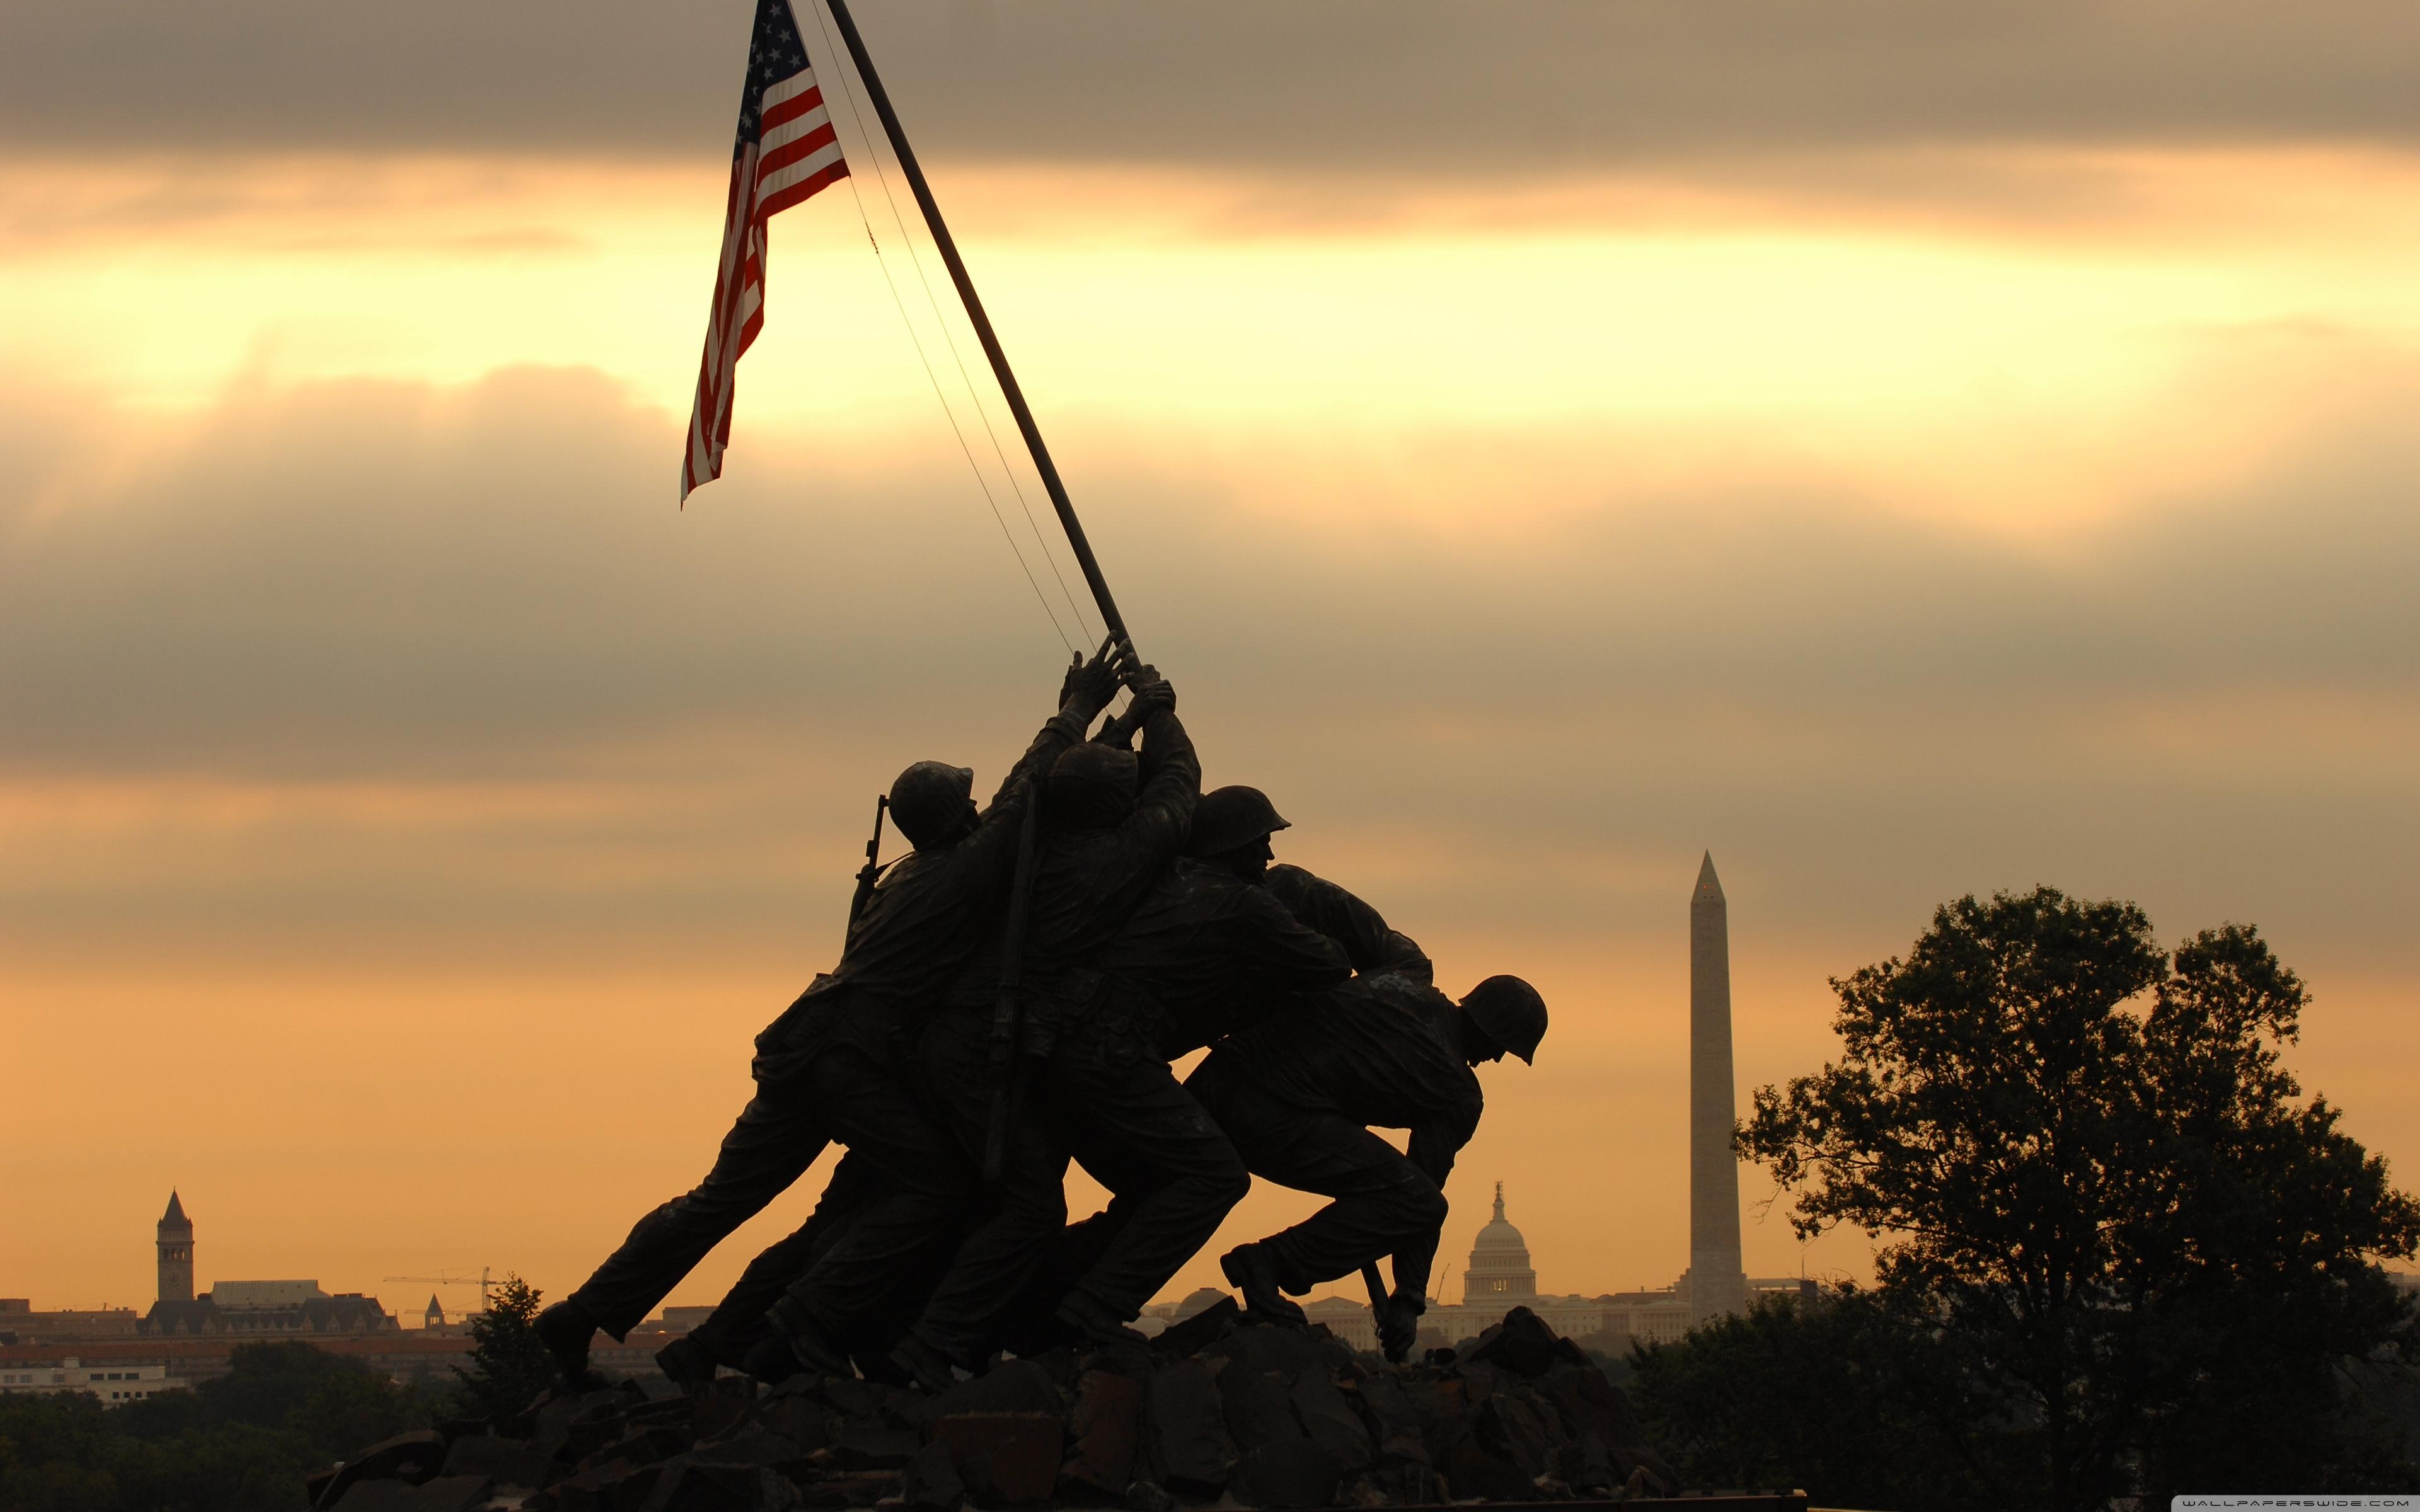 Download Free WallpaperIwo Jima Memorial